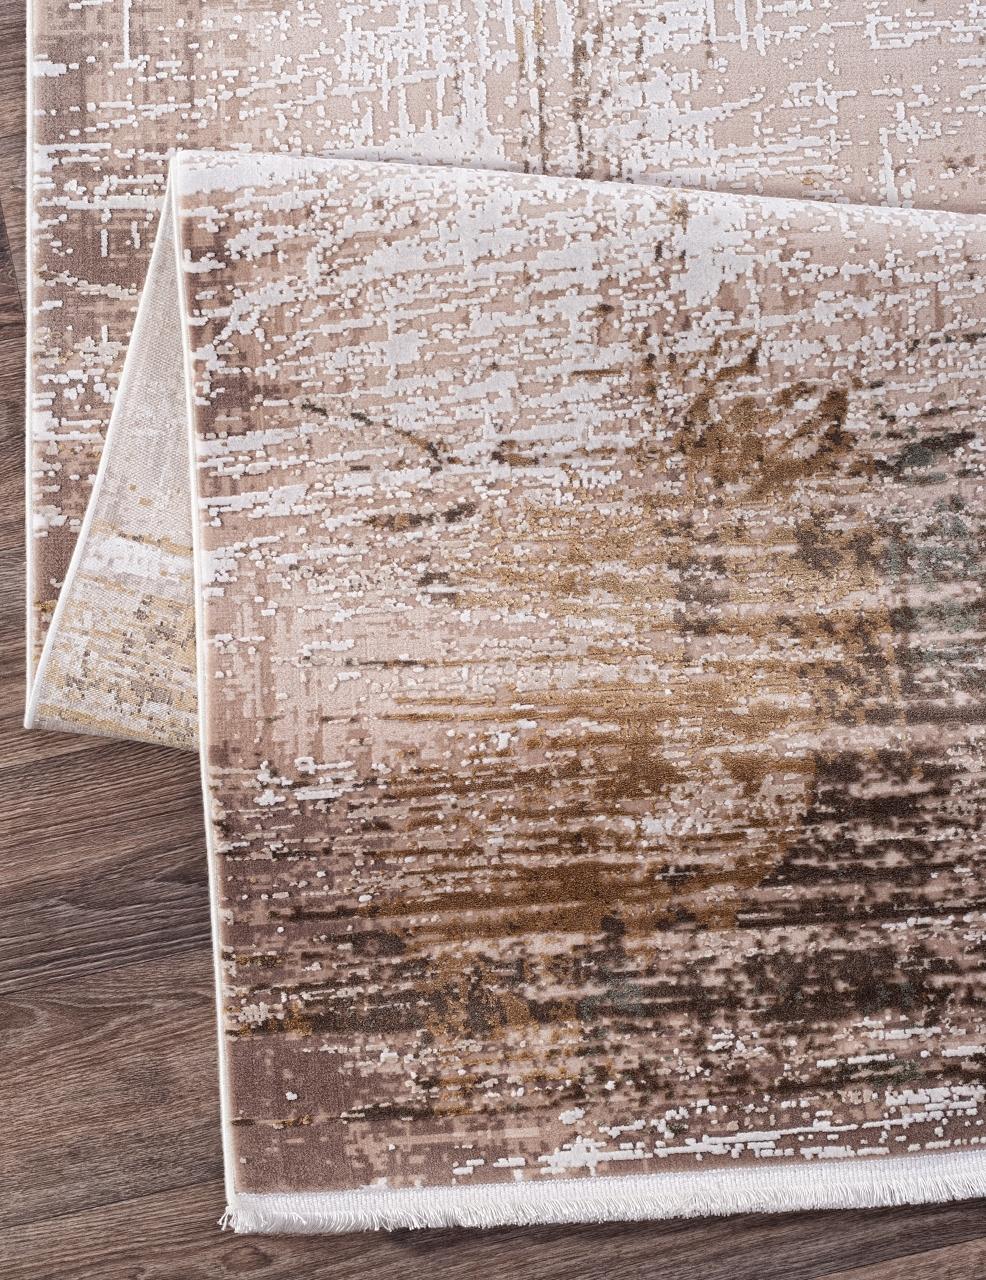 Ковер 19147 - 070 BEIGE - Прямоугольник - коллекция CREANTE - фото 5